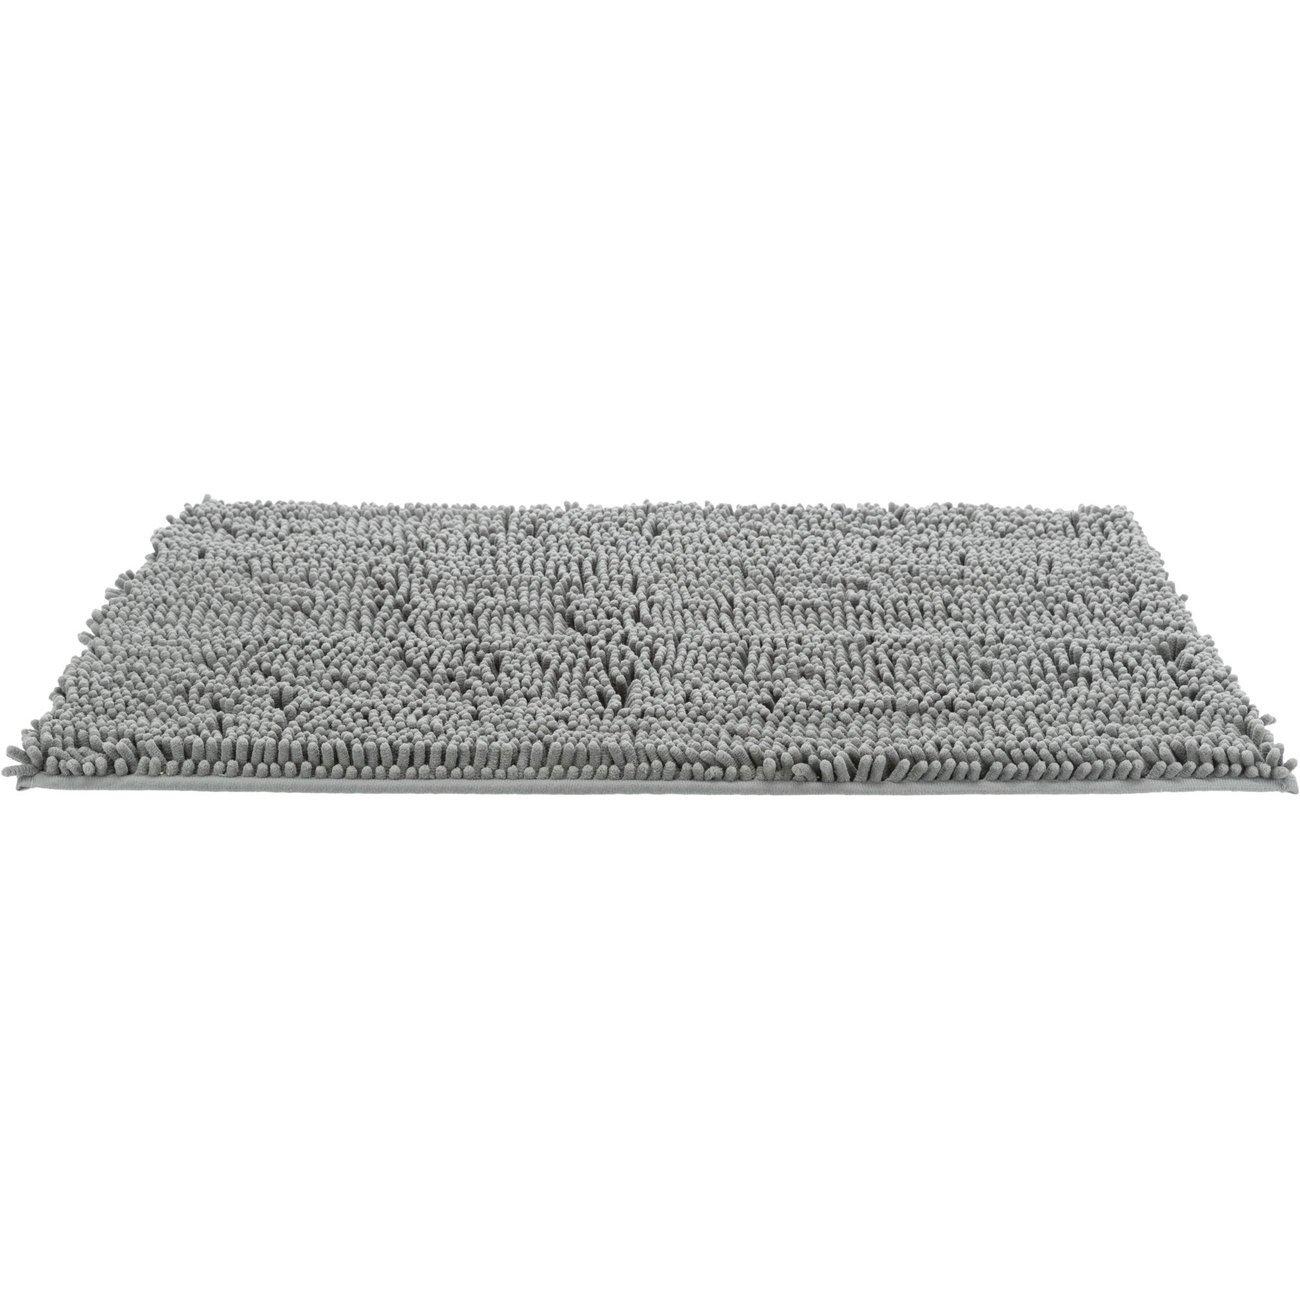 Trixie Schmutzfangmatte für Hunde, 100 x 70 cm, grau